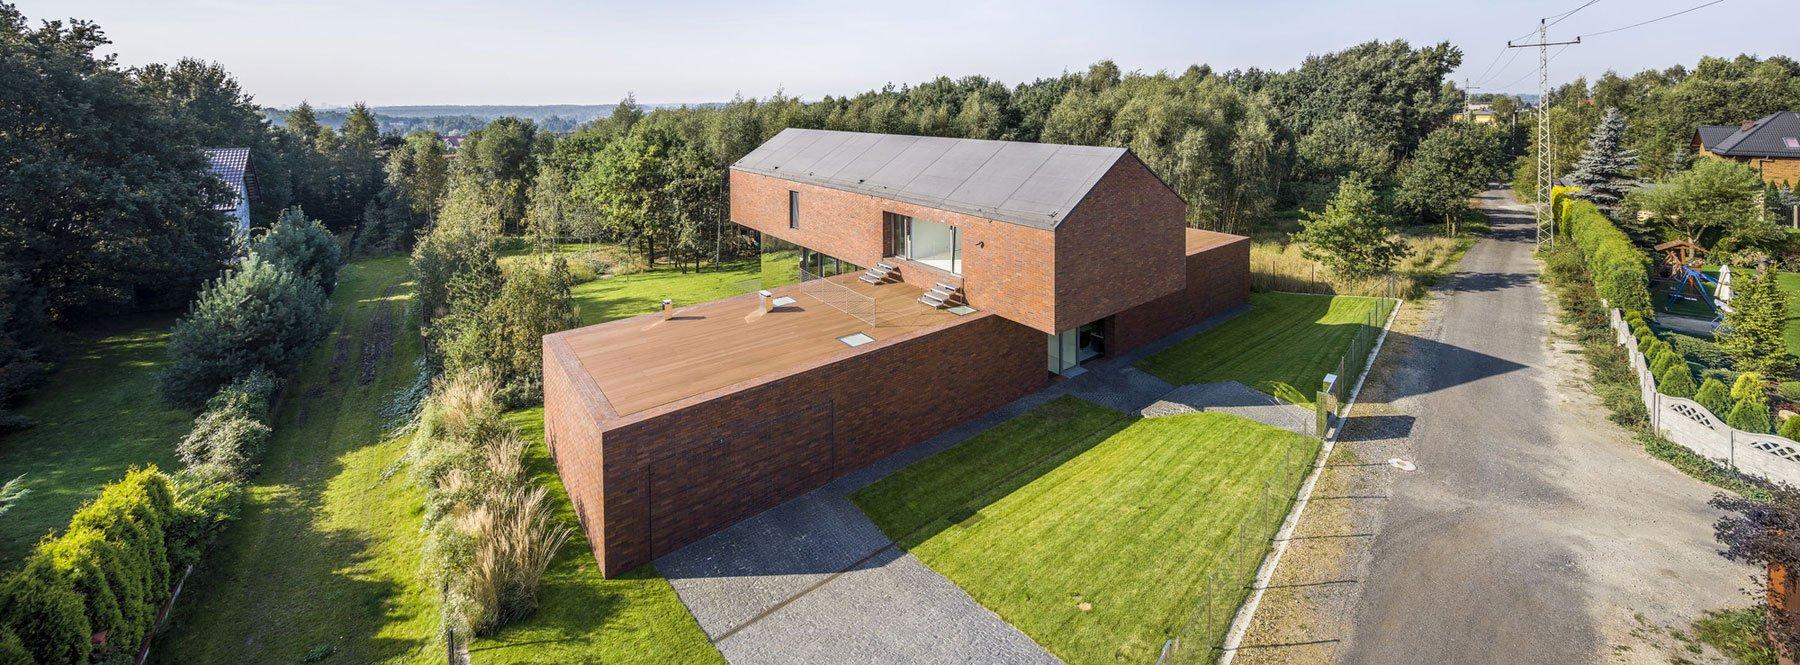 Living-Garden-House-in-Katowice-01